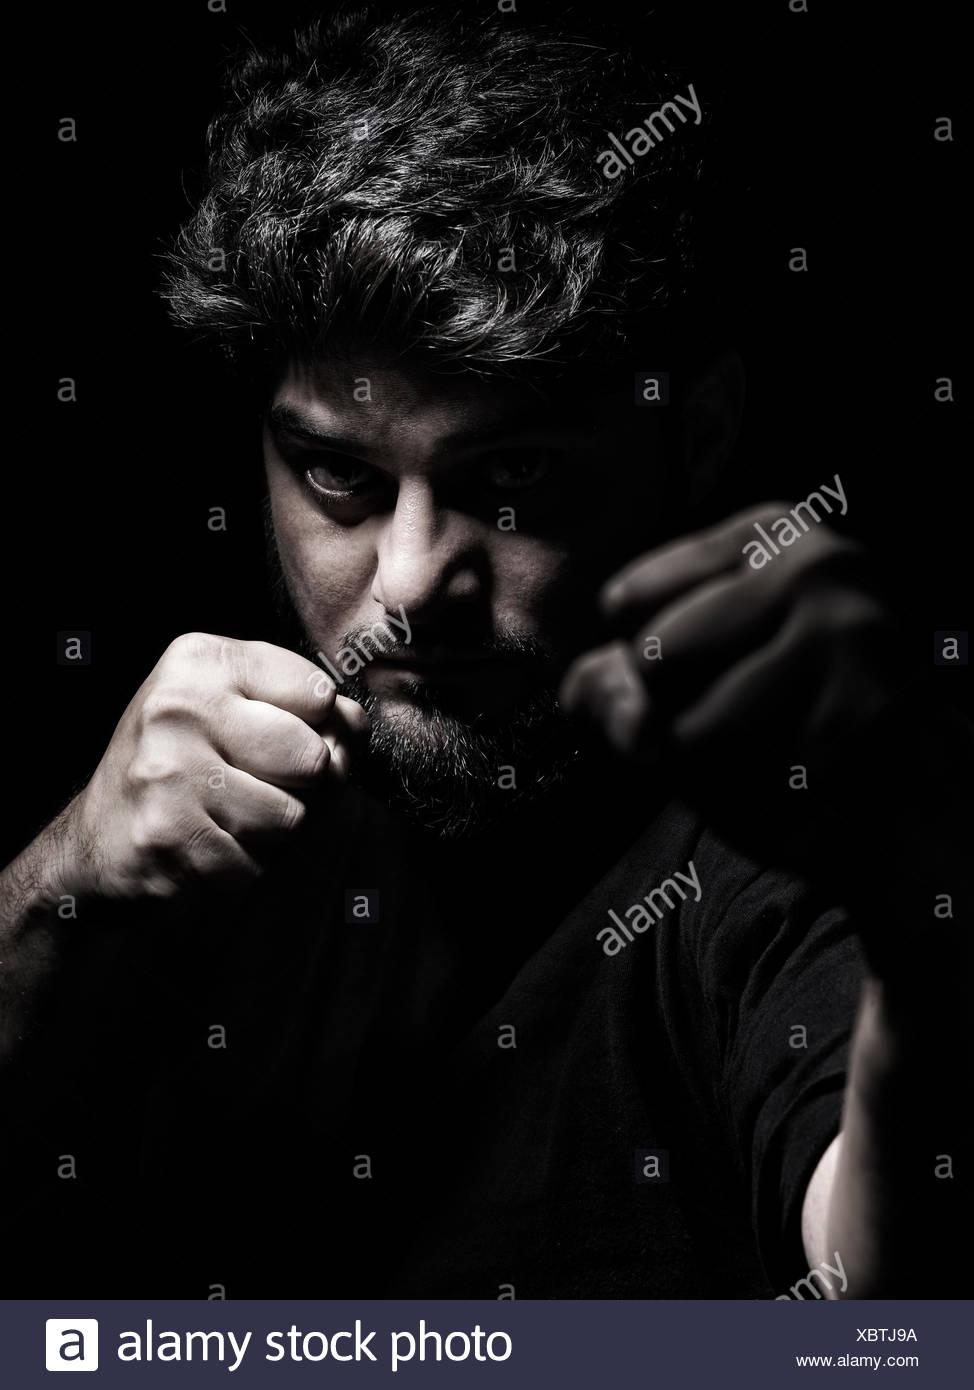 Espectacular retrato de un hombre en una posición de combate con los puños frente a su cara Imagen De Stock